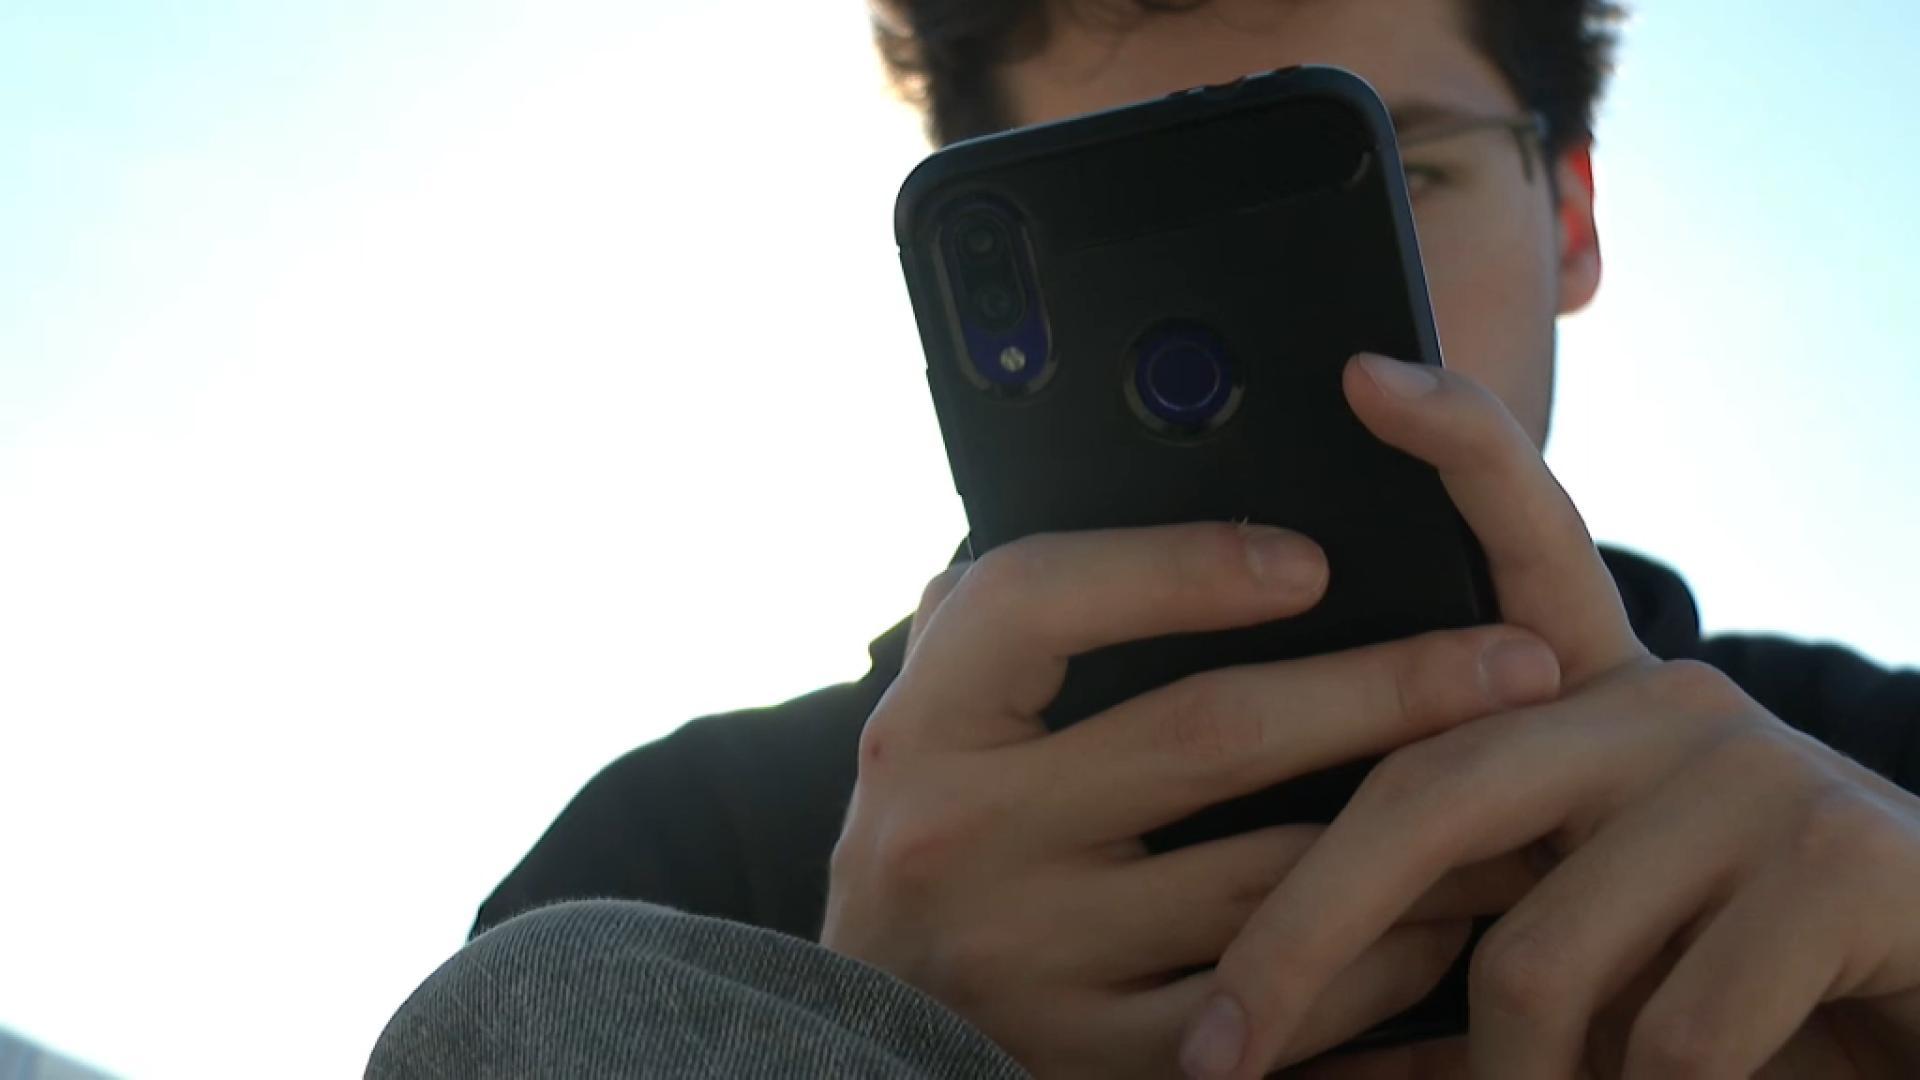 Nou+videoclip+dels+Beatles+a+les+xarxes+socials+amb+motiu+de+la+remescla+de+l%27%C3%A0lbum+Abbey+Road